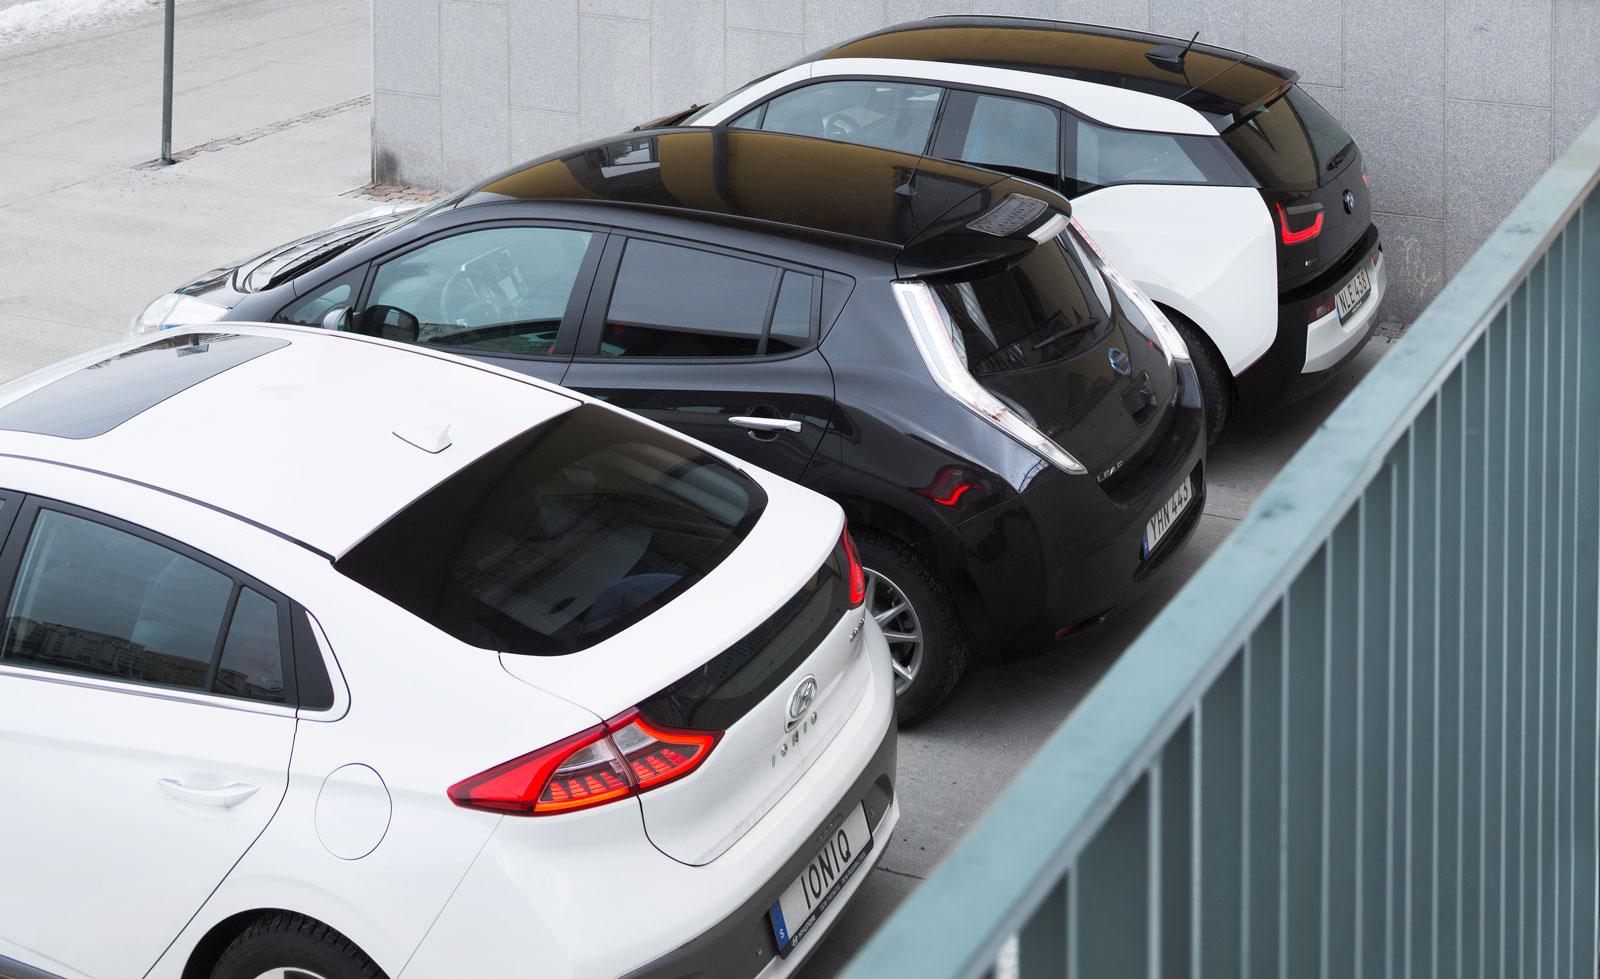 """Dyra att köpa men billiga som tjänstebilar. Förmånsvärdet rabatteras med 40 procent ut-ifrån motsvarande bensinmodeller – BMW 118i, Nissan Qashqai 1,2 DIG-T och Hyundai i40 1,6. Detta oavsett batteristorlek. Därmed får tjänstebilisterna den längre räckvidden """"på köpet""""."""